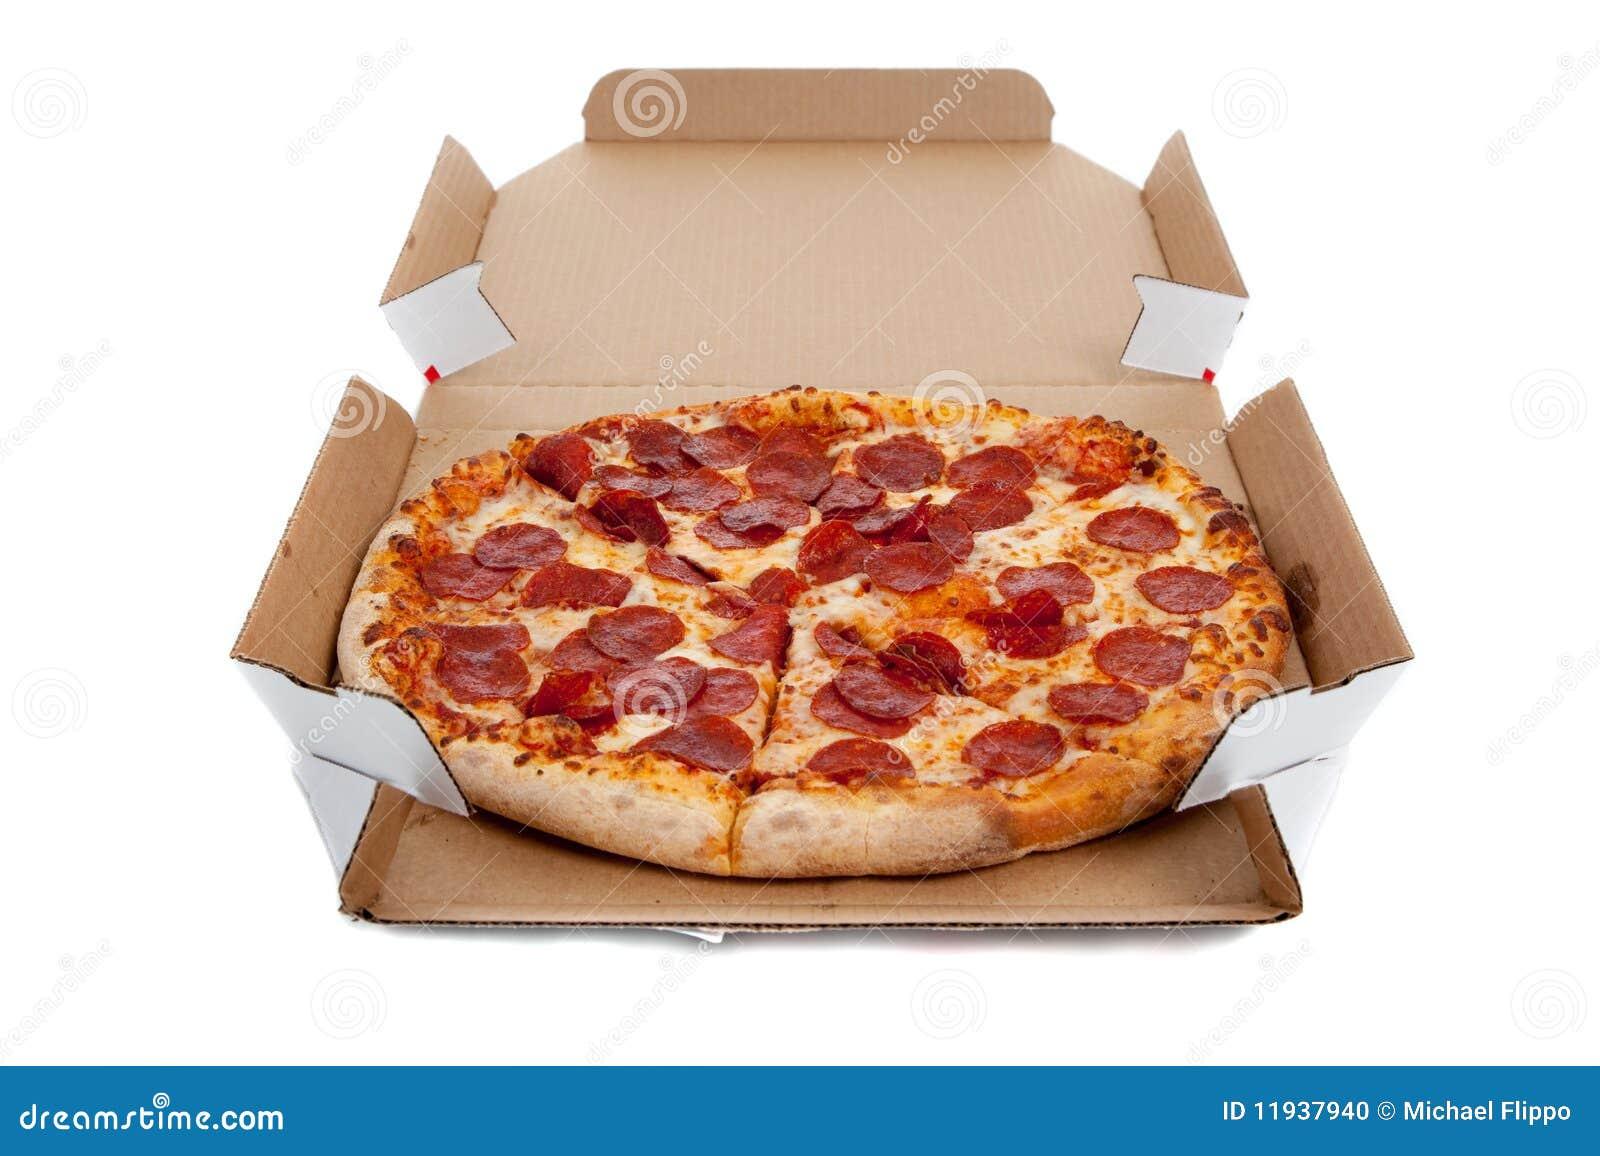 Peperonipizza i en ask på white